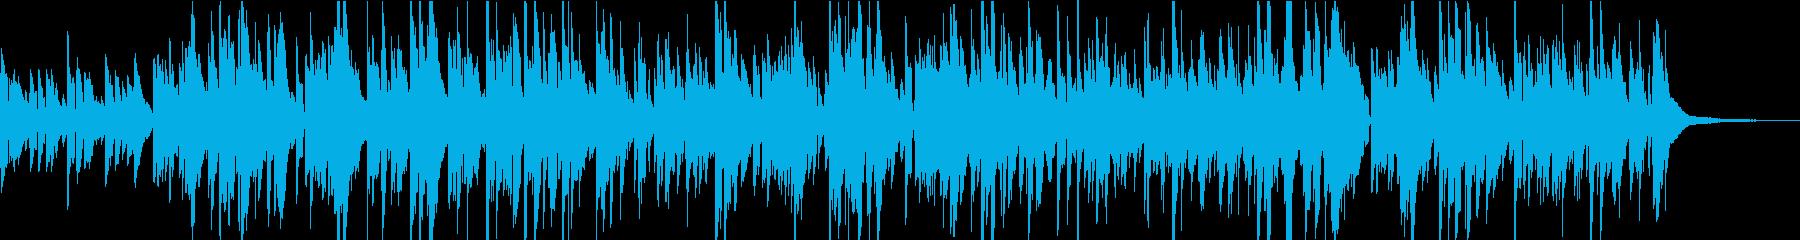 アコースティックギターの少し切ない曲の再生済みの波形